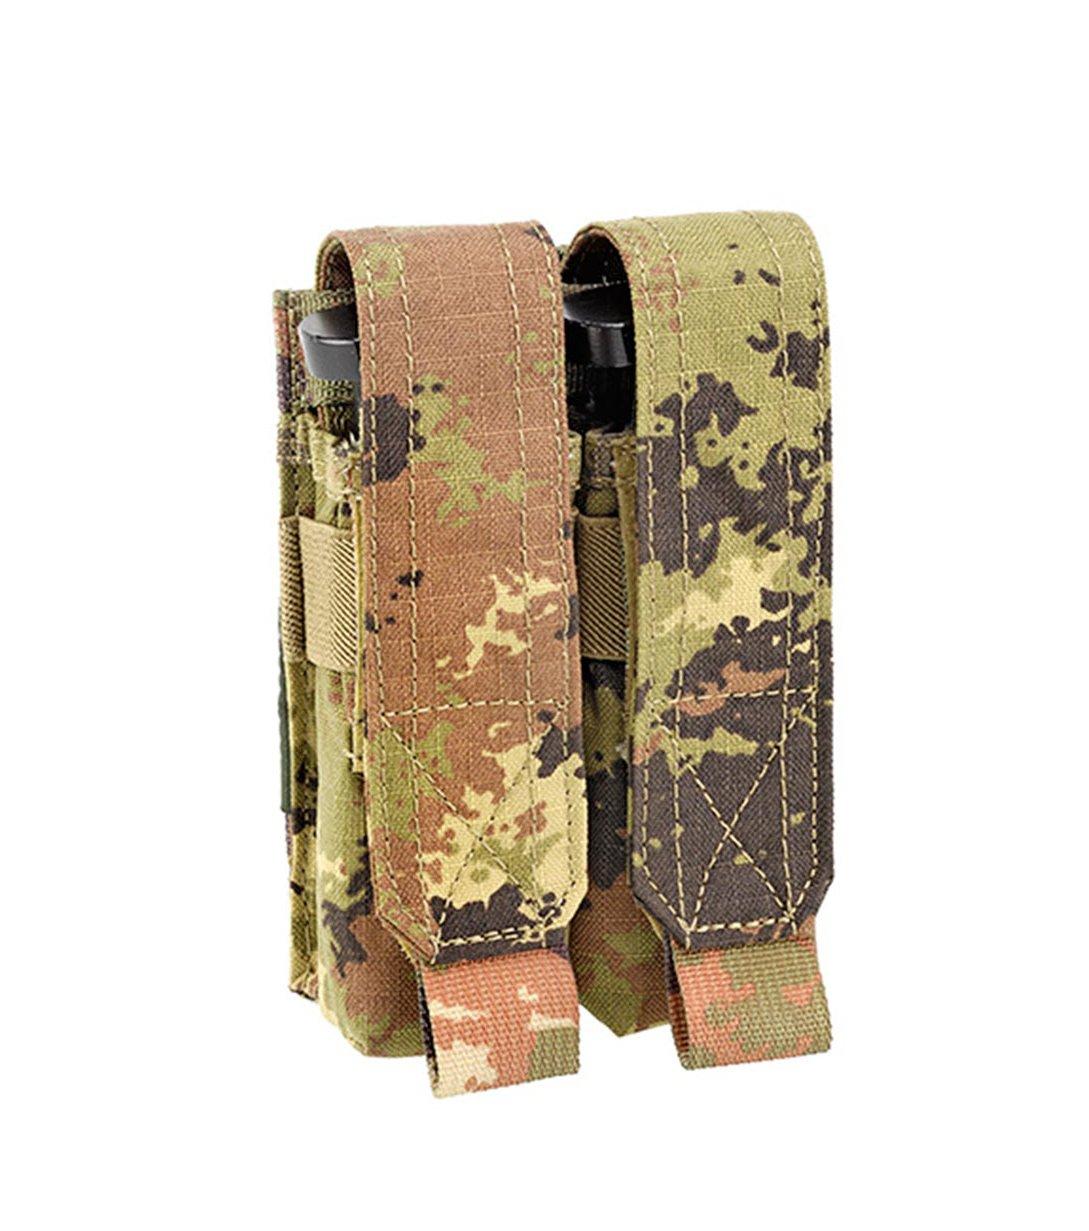 5 DEFCON portacargador para 2 pistolas revistas, 15 x 9,5 x 5 cm, D5-PM02-CT Defcon 5